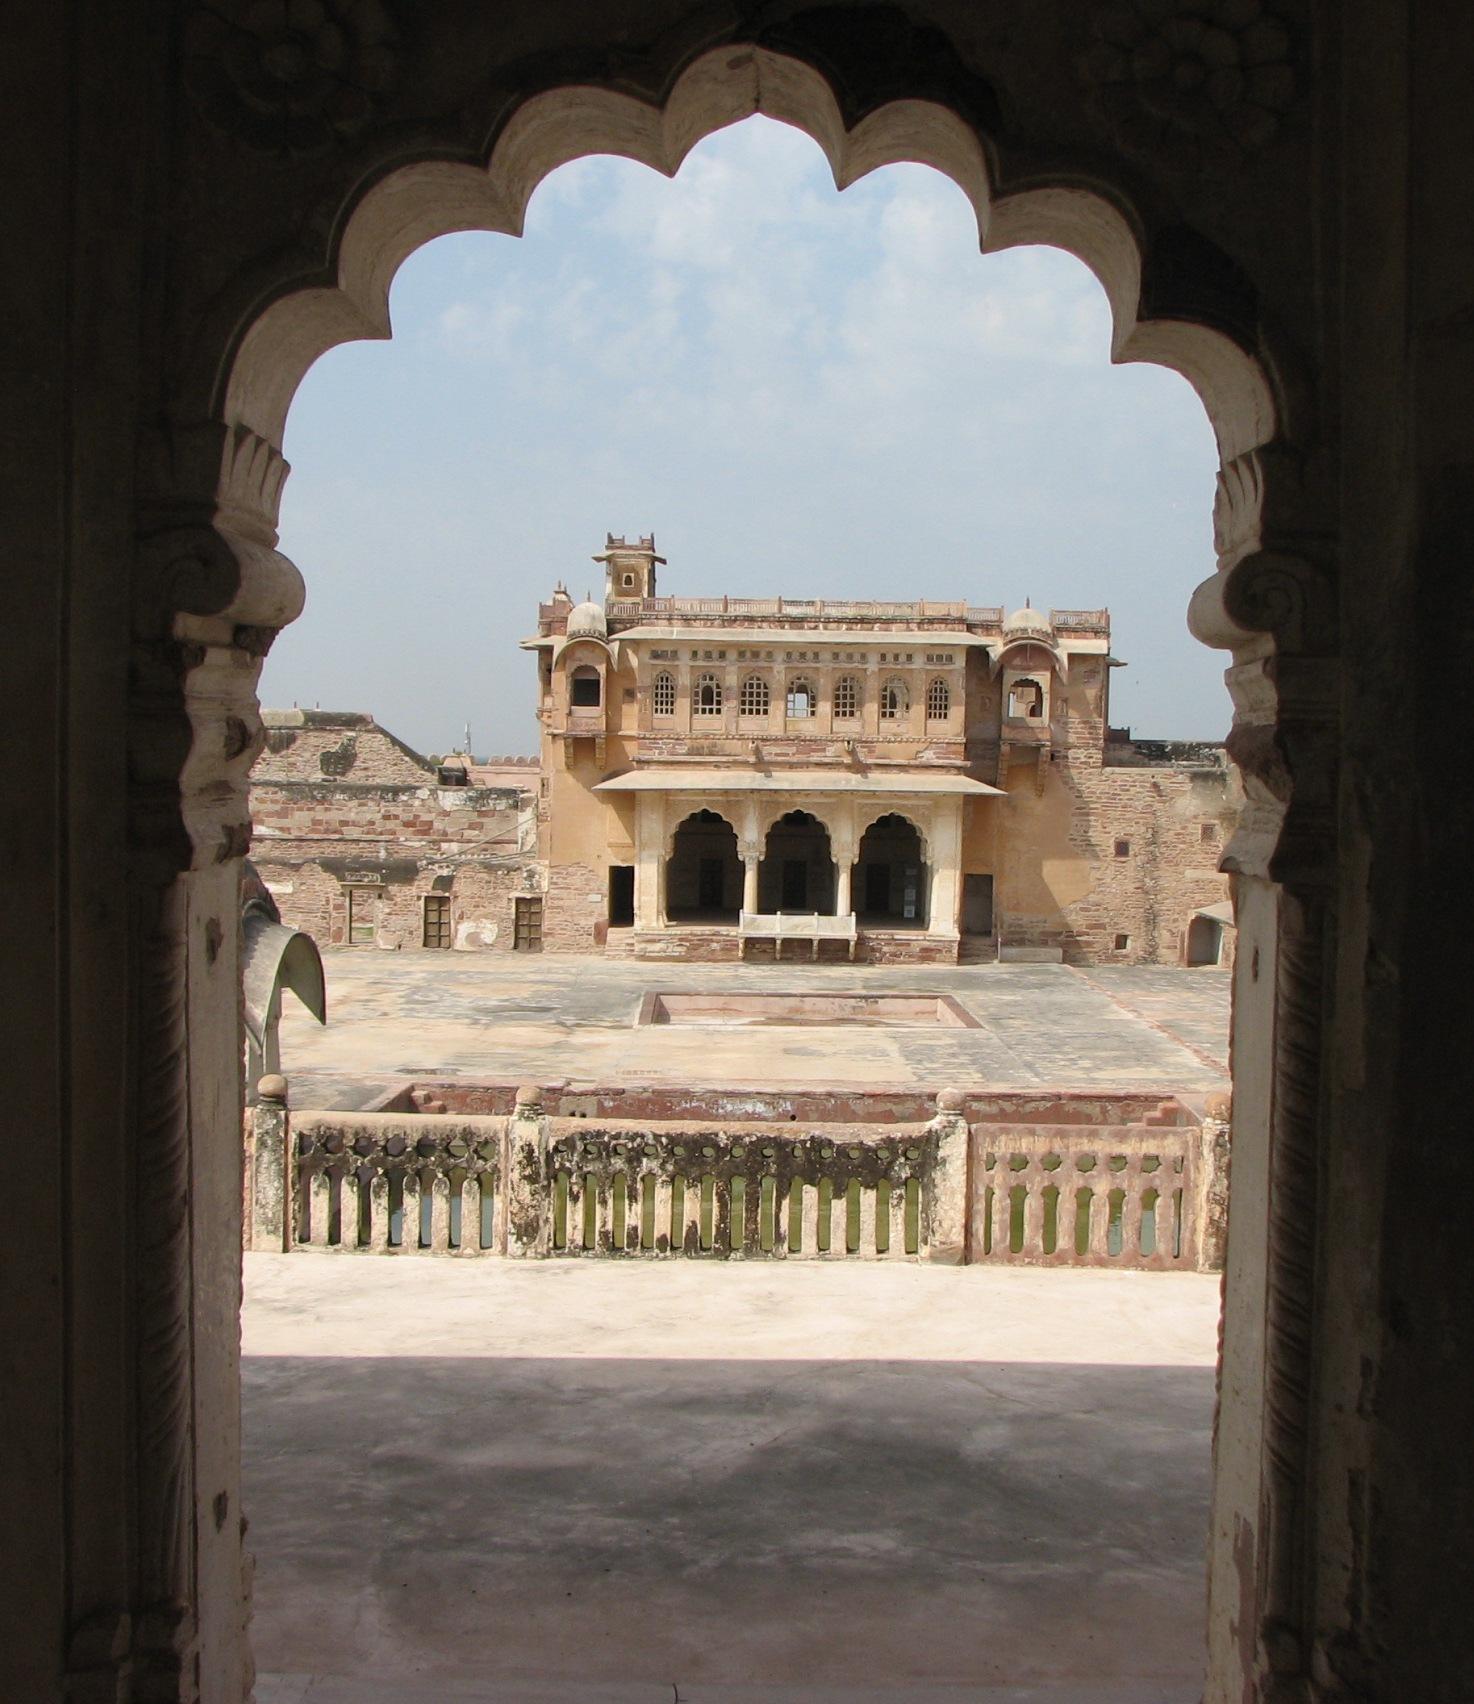 Ahchitragarh Fort